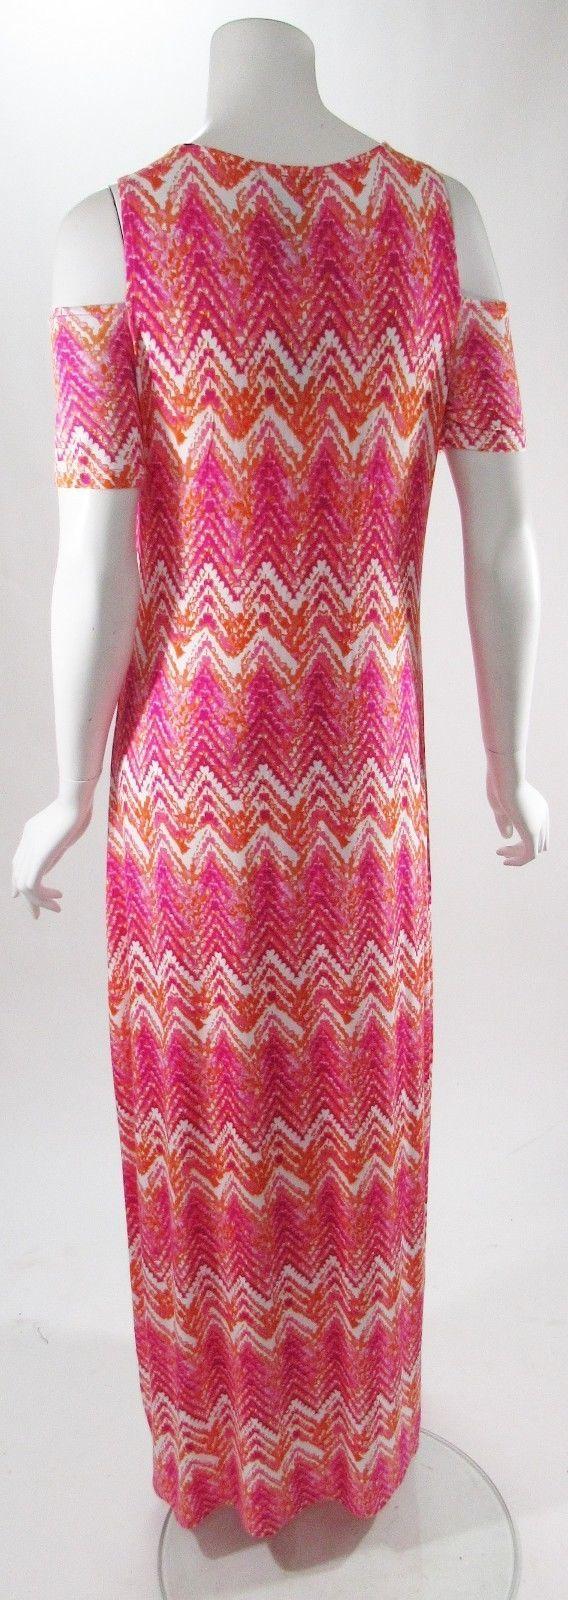 Design History Off The Shoulder Pink Chevron Maxi Dress Sz S, M , L, XL NWT